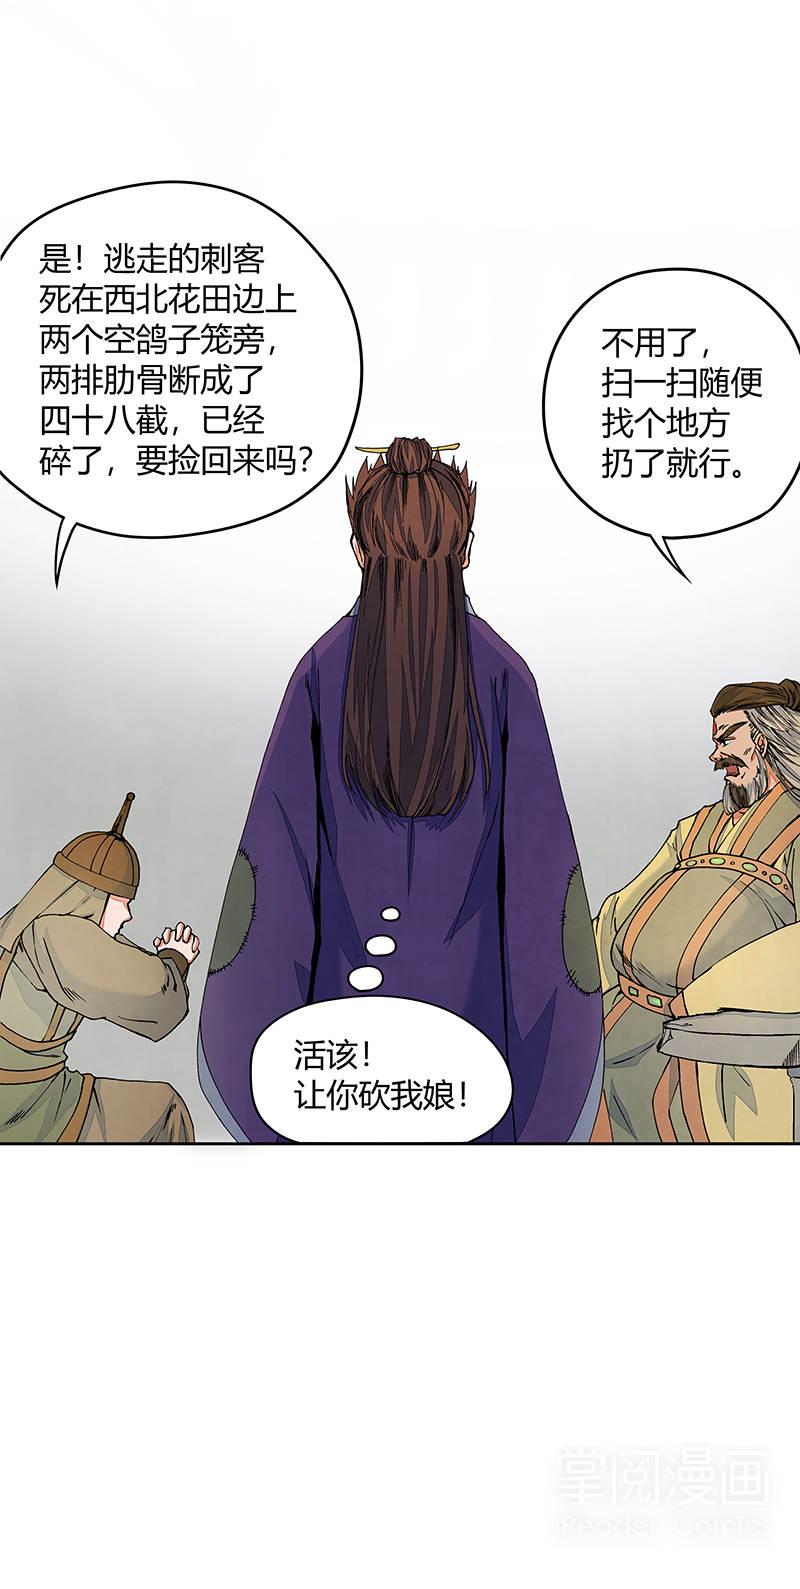 逍遥游第33话  千难历尽终告捷 第 12